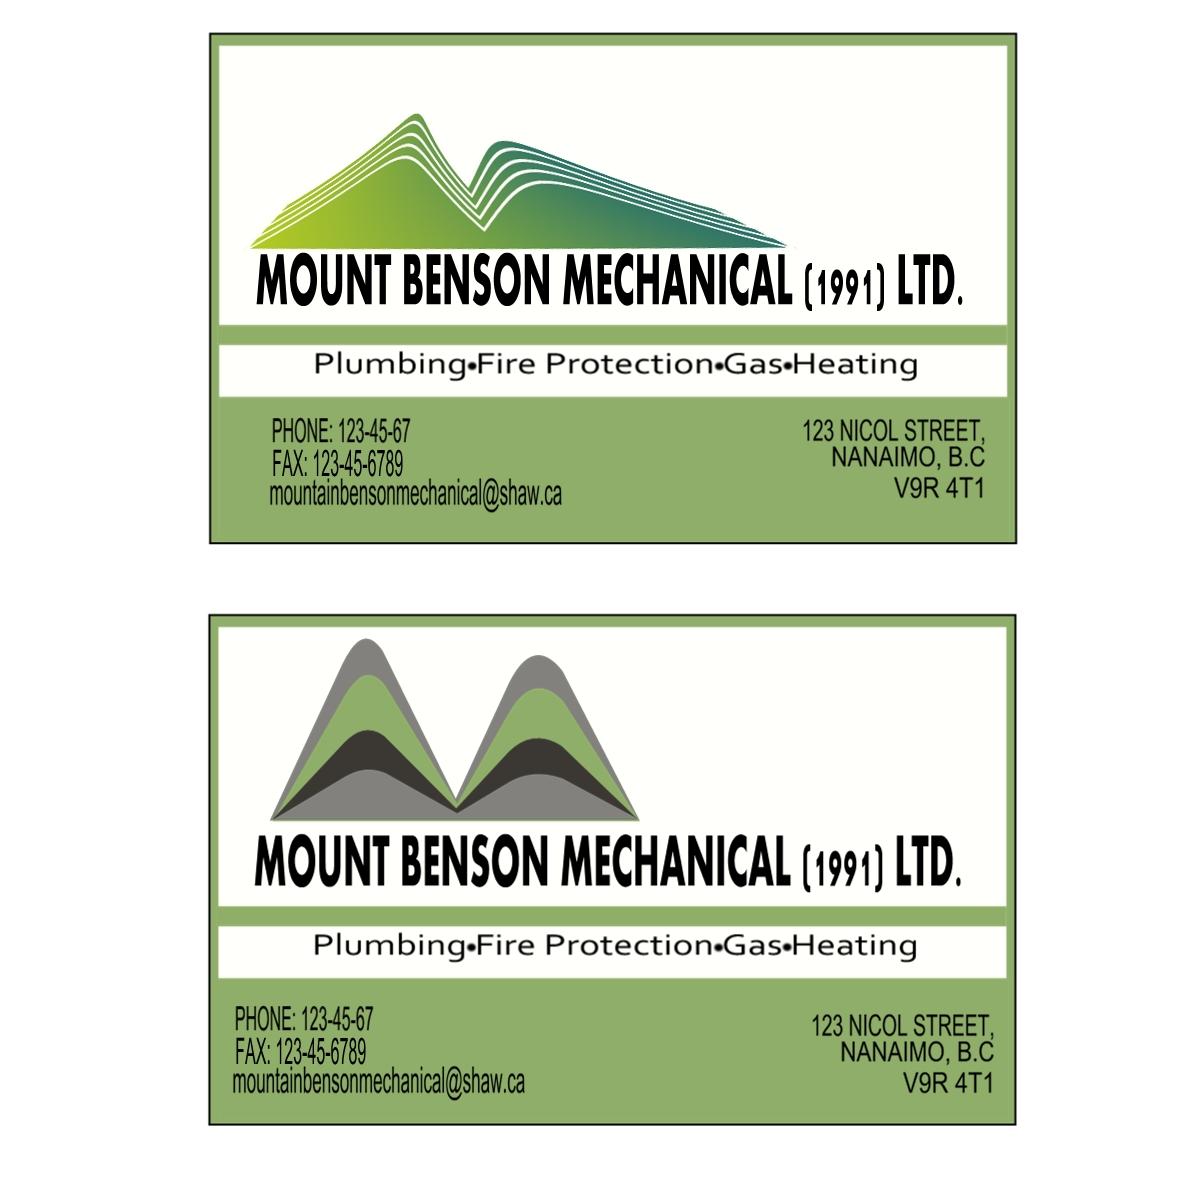 Logo Design by Joseph calunsag Cagaanan - Entry No. 1 in the Logo Design Contest Mount Benson Mechanical.